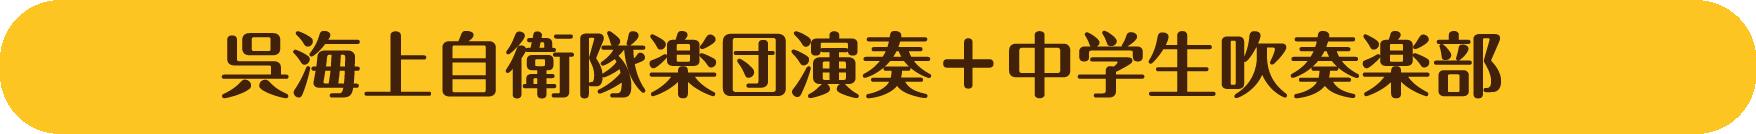 呉海上自衛隊楽団演奏+中学生吹奏楽部